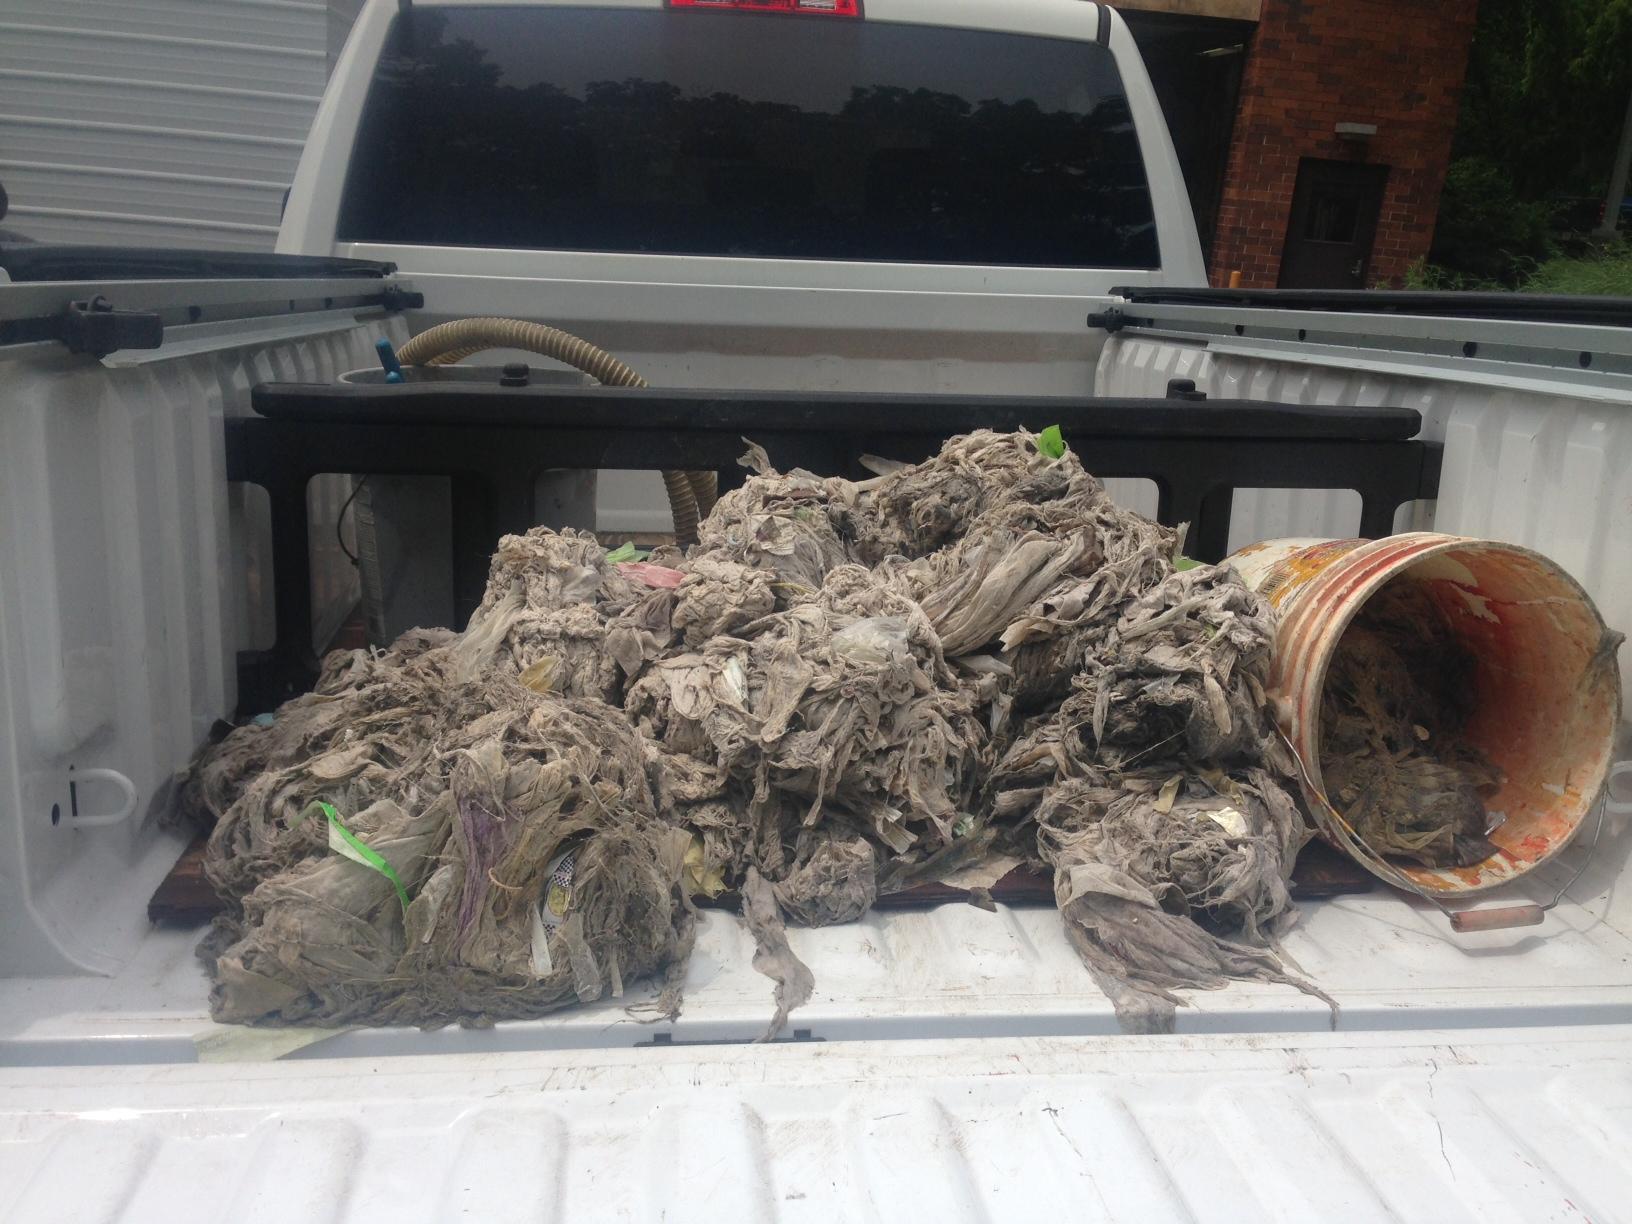 Pickup-full of rags